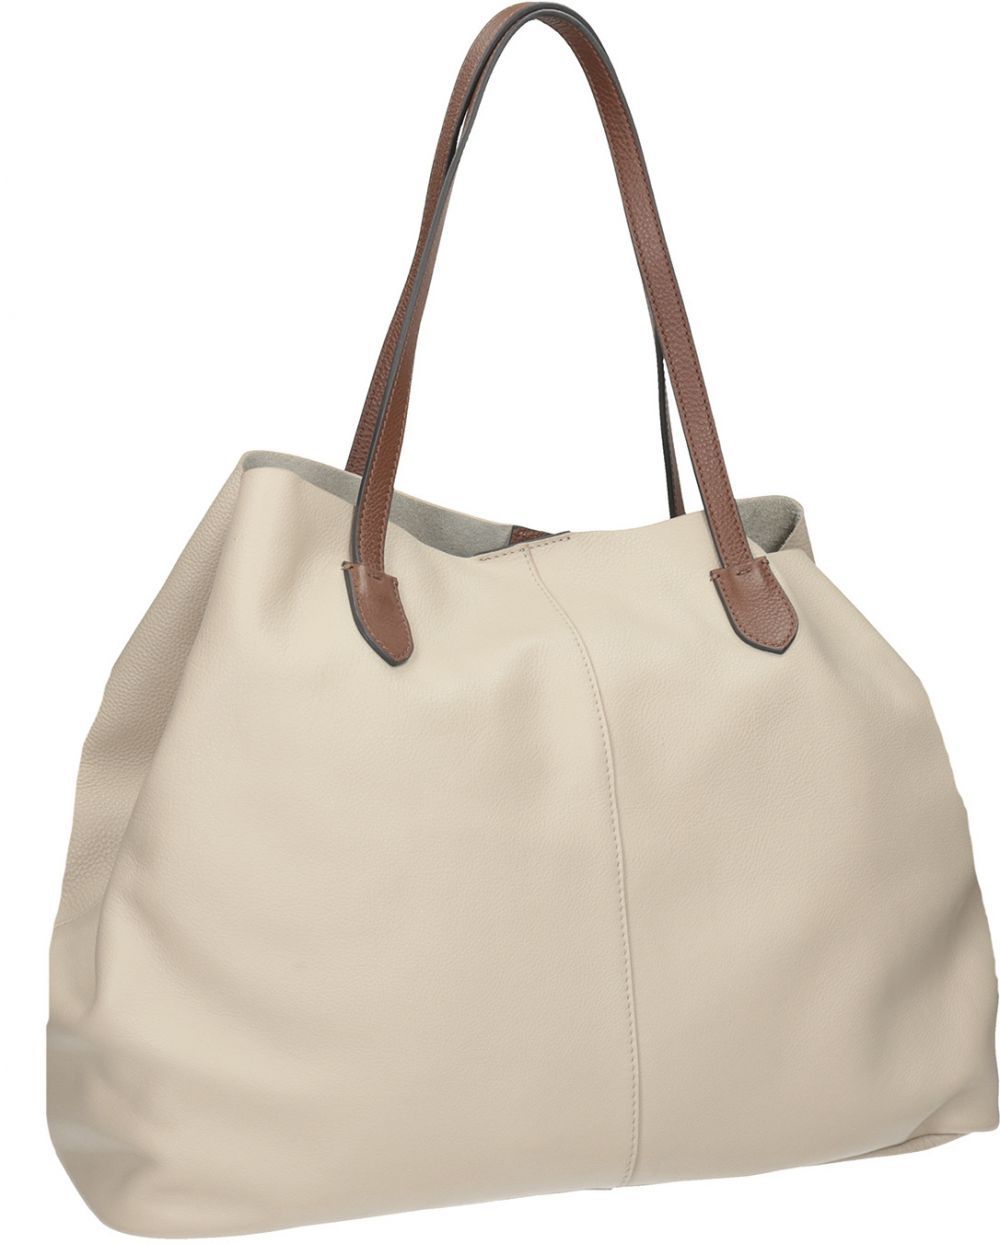 Béžová kožená kabelka s hnedými rúčkami značky Baťa - Lovely.sk 2f62d776506